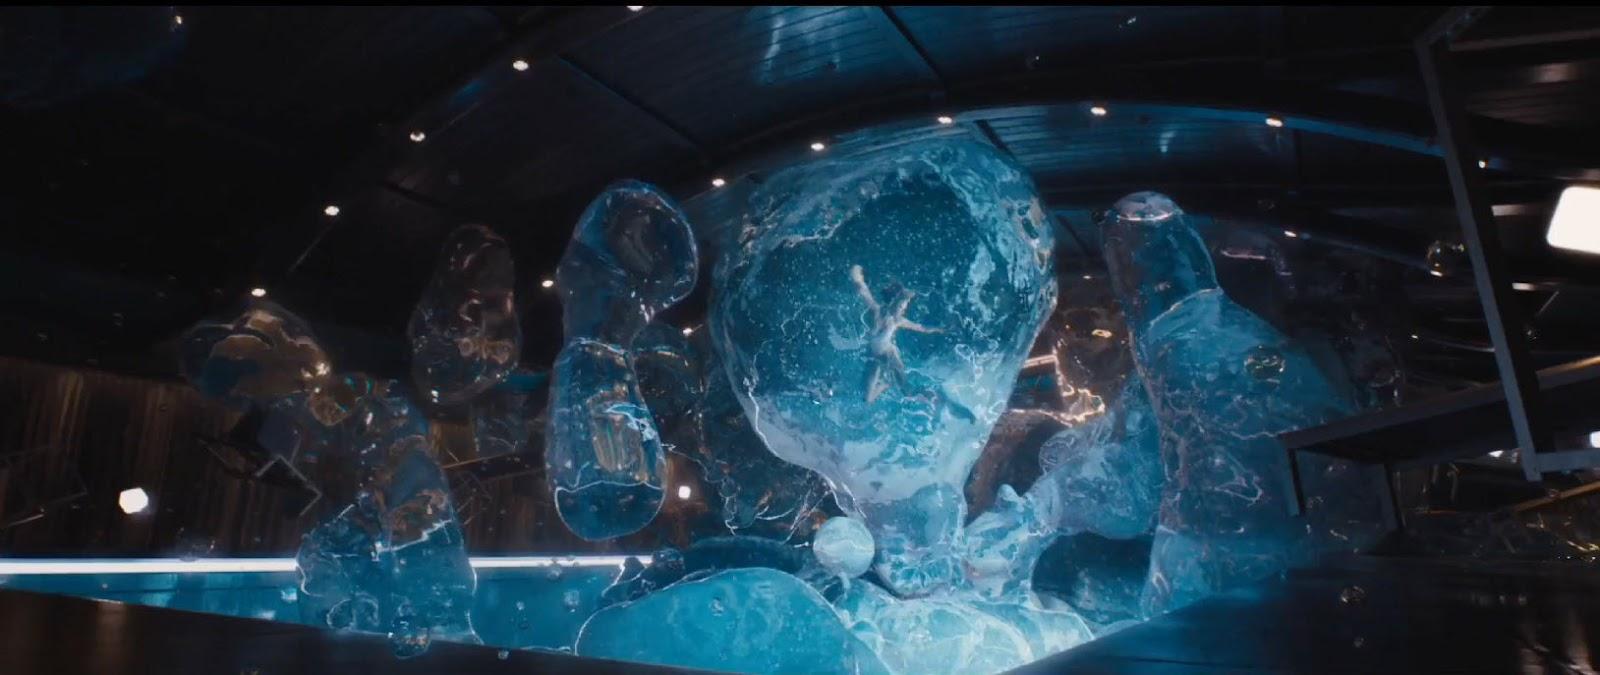 El cine seg n tfv perdidos en el espacio passengers for La piscina pelicula